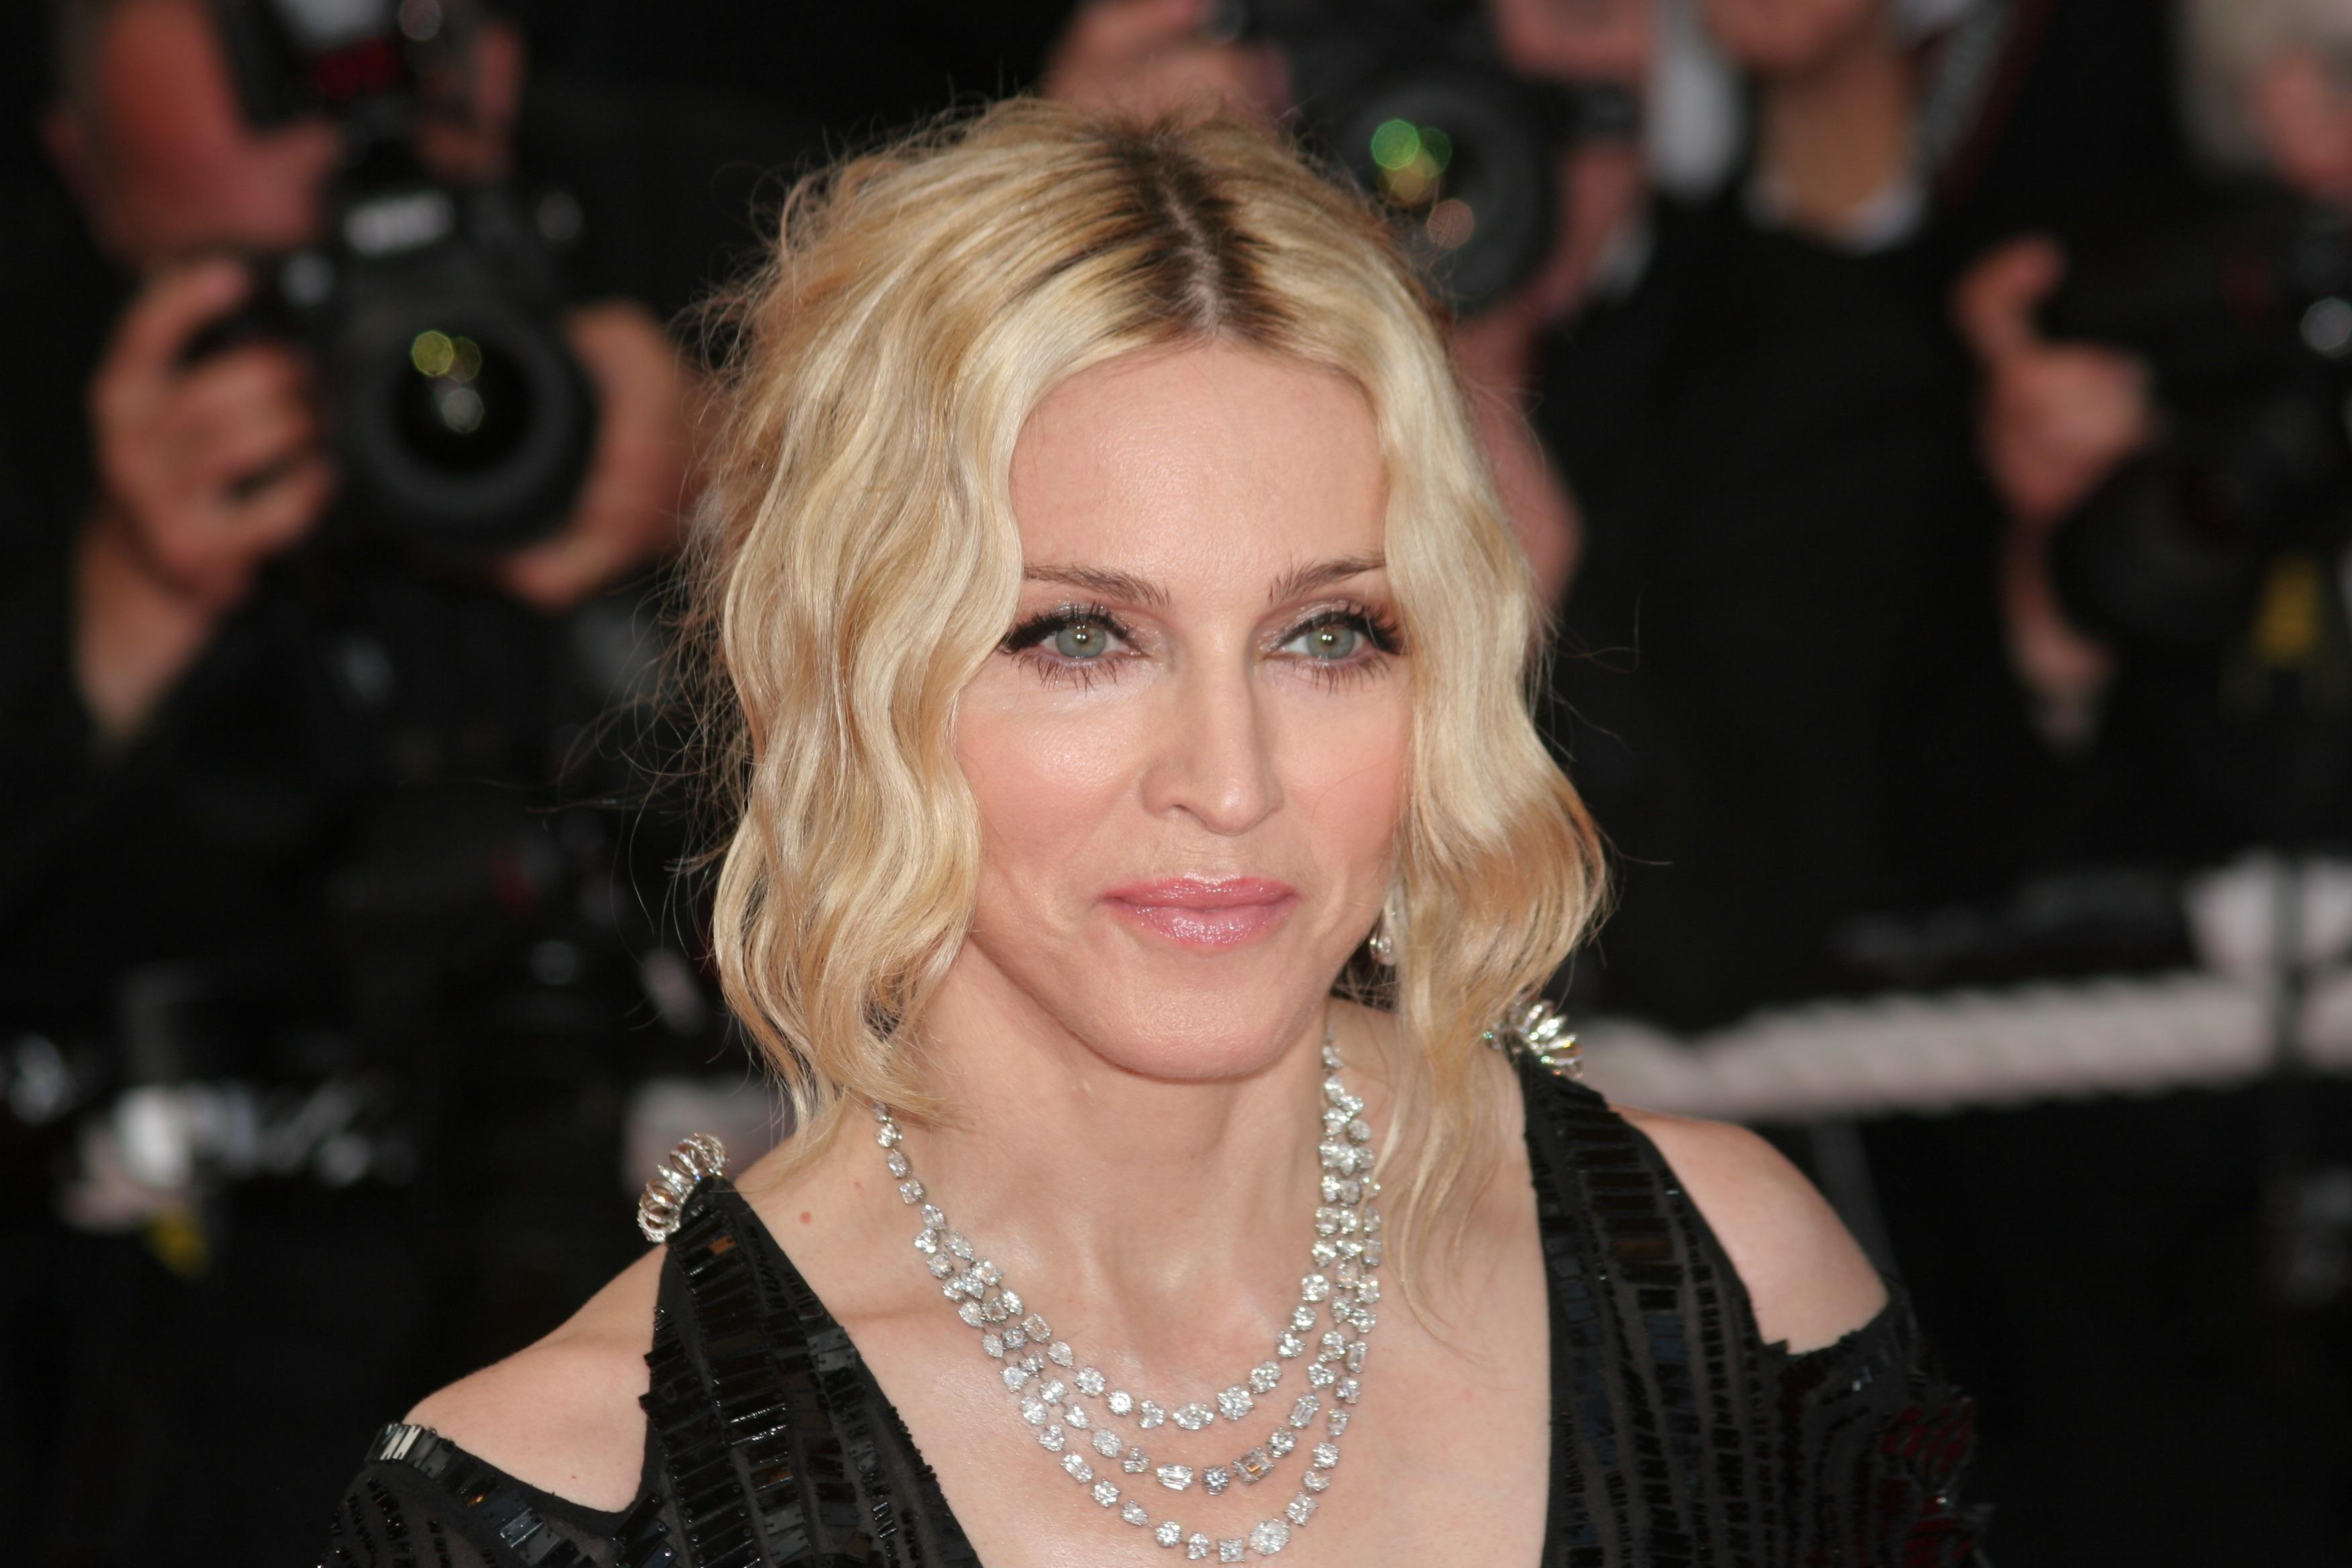 Oepsie! Heeft Madonna gisteravond iets te diep in het glaasje gekeken?